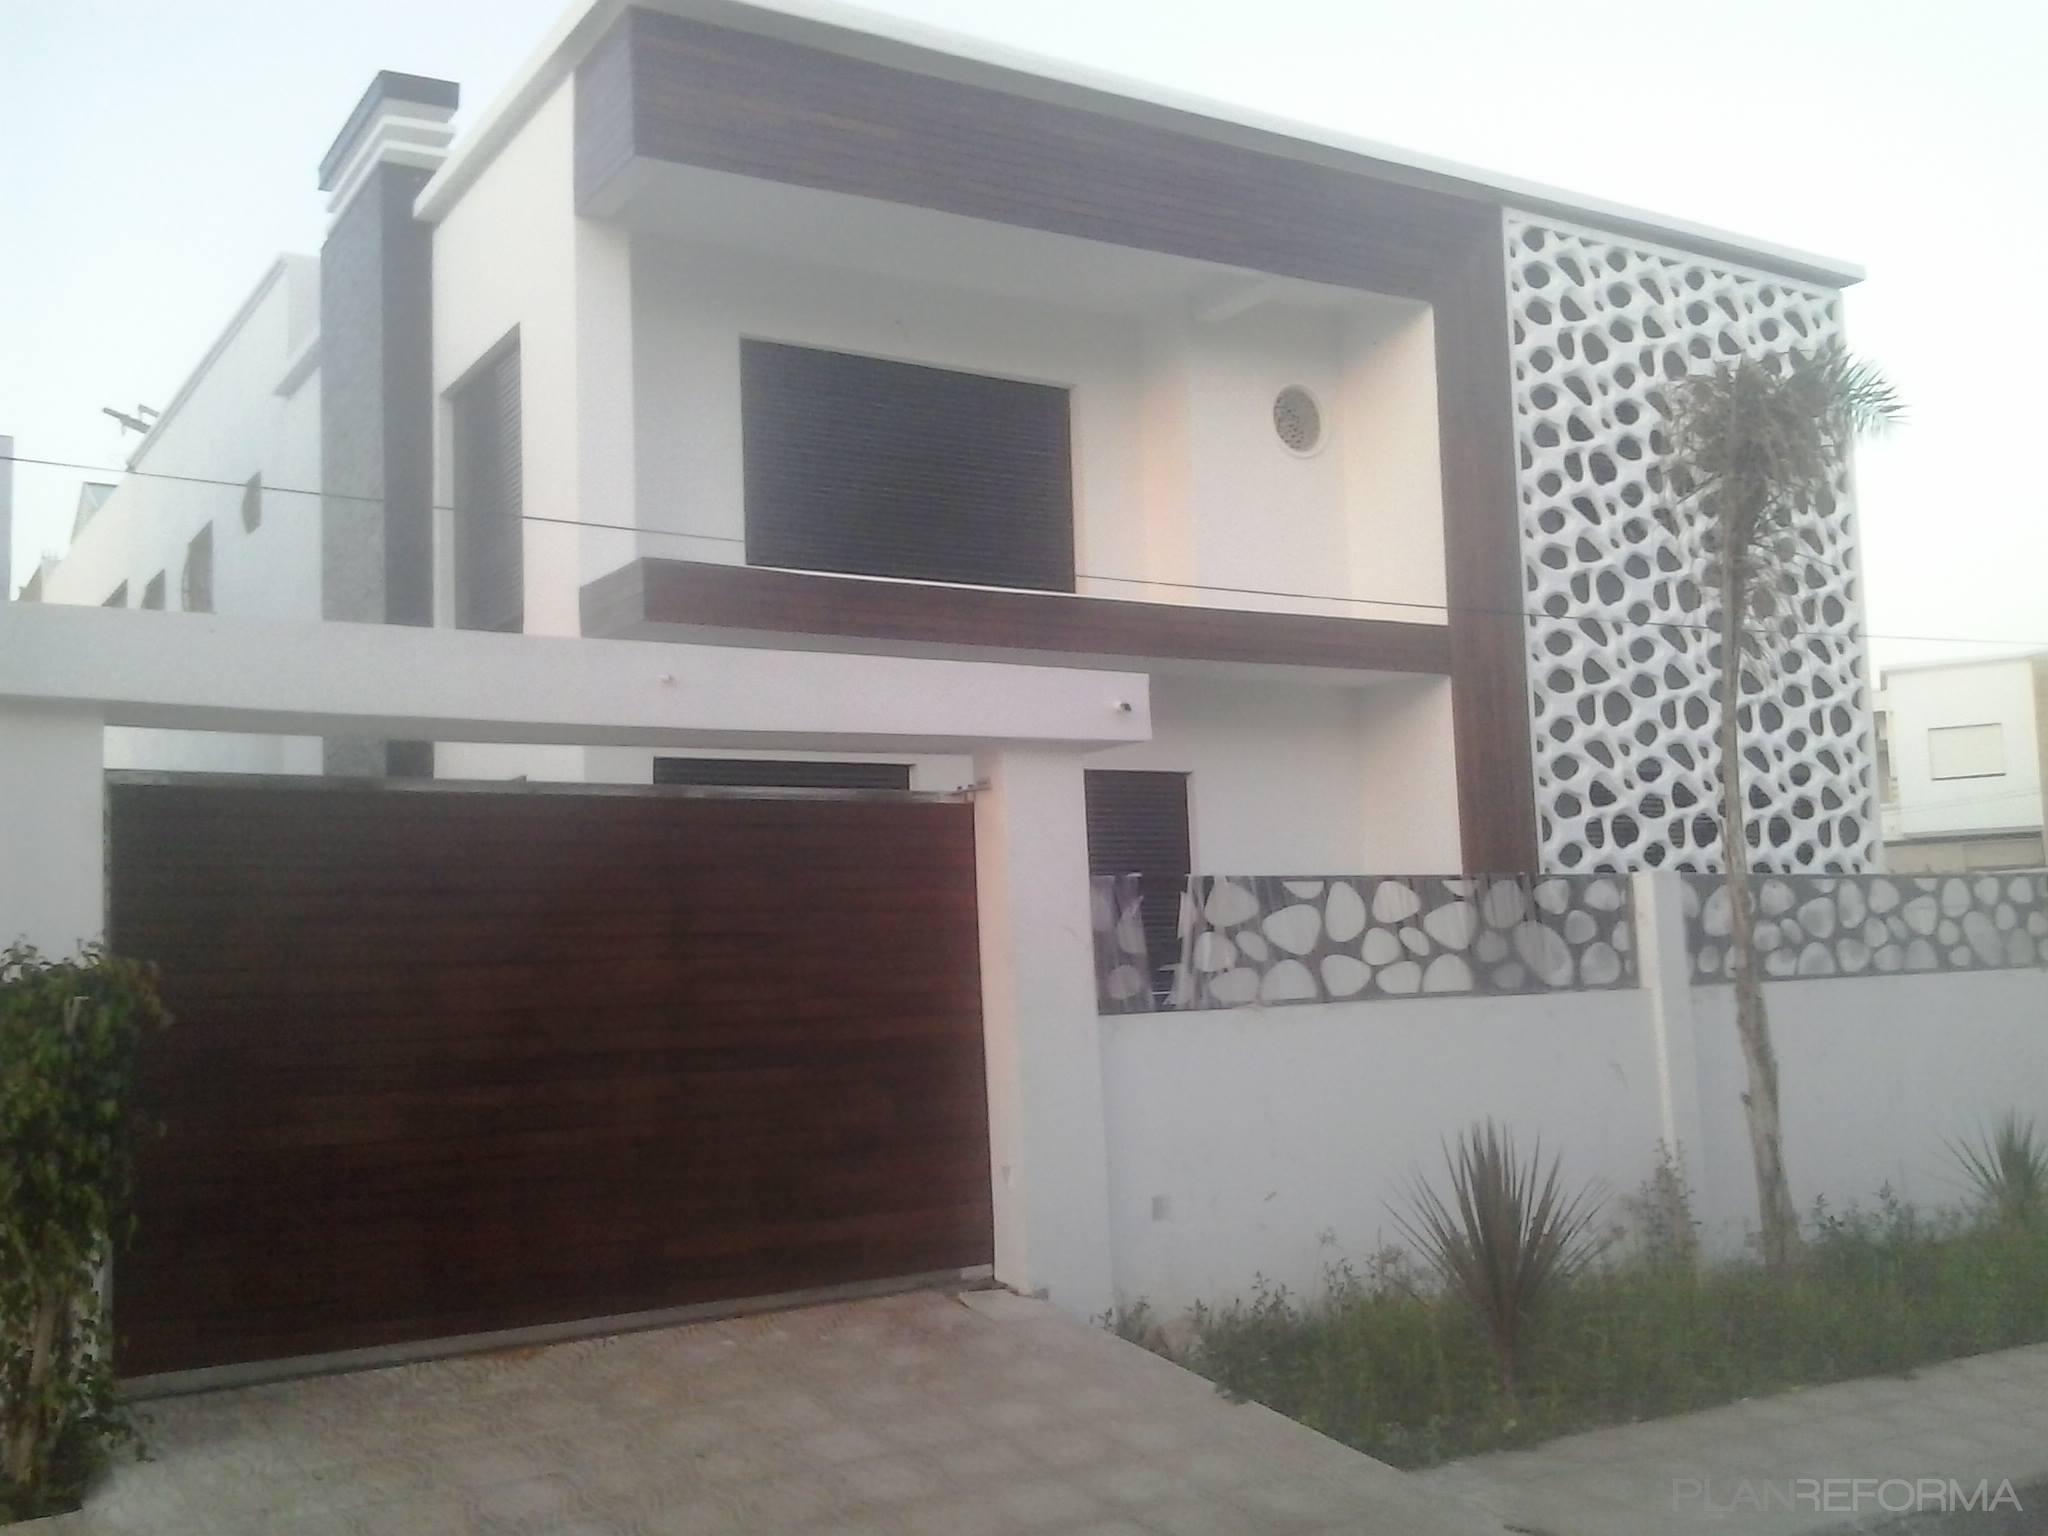 Patio Piscina Exterior Style Moderno Color Marron Blanco Gris Negro